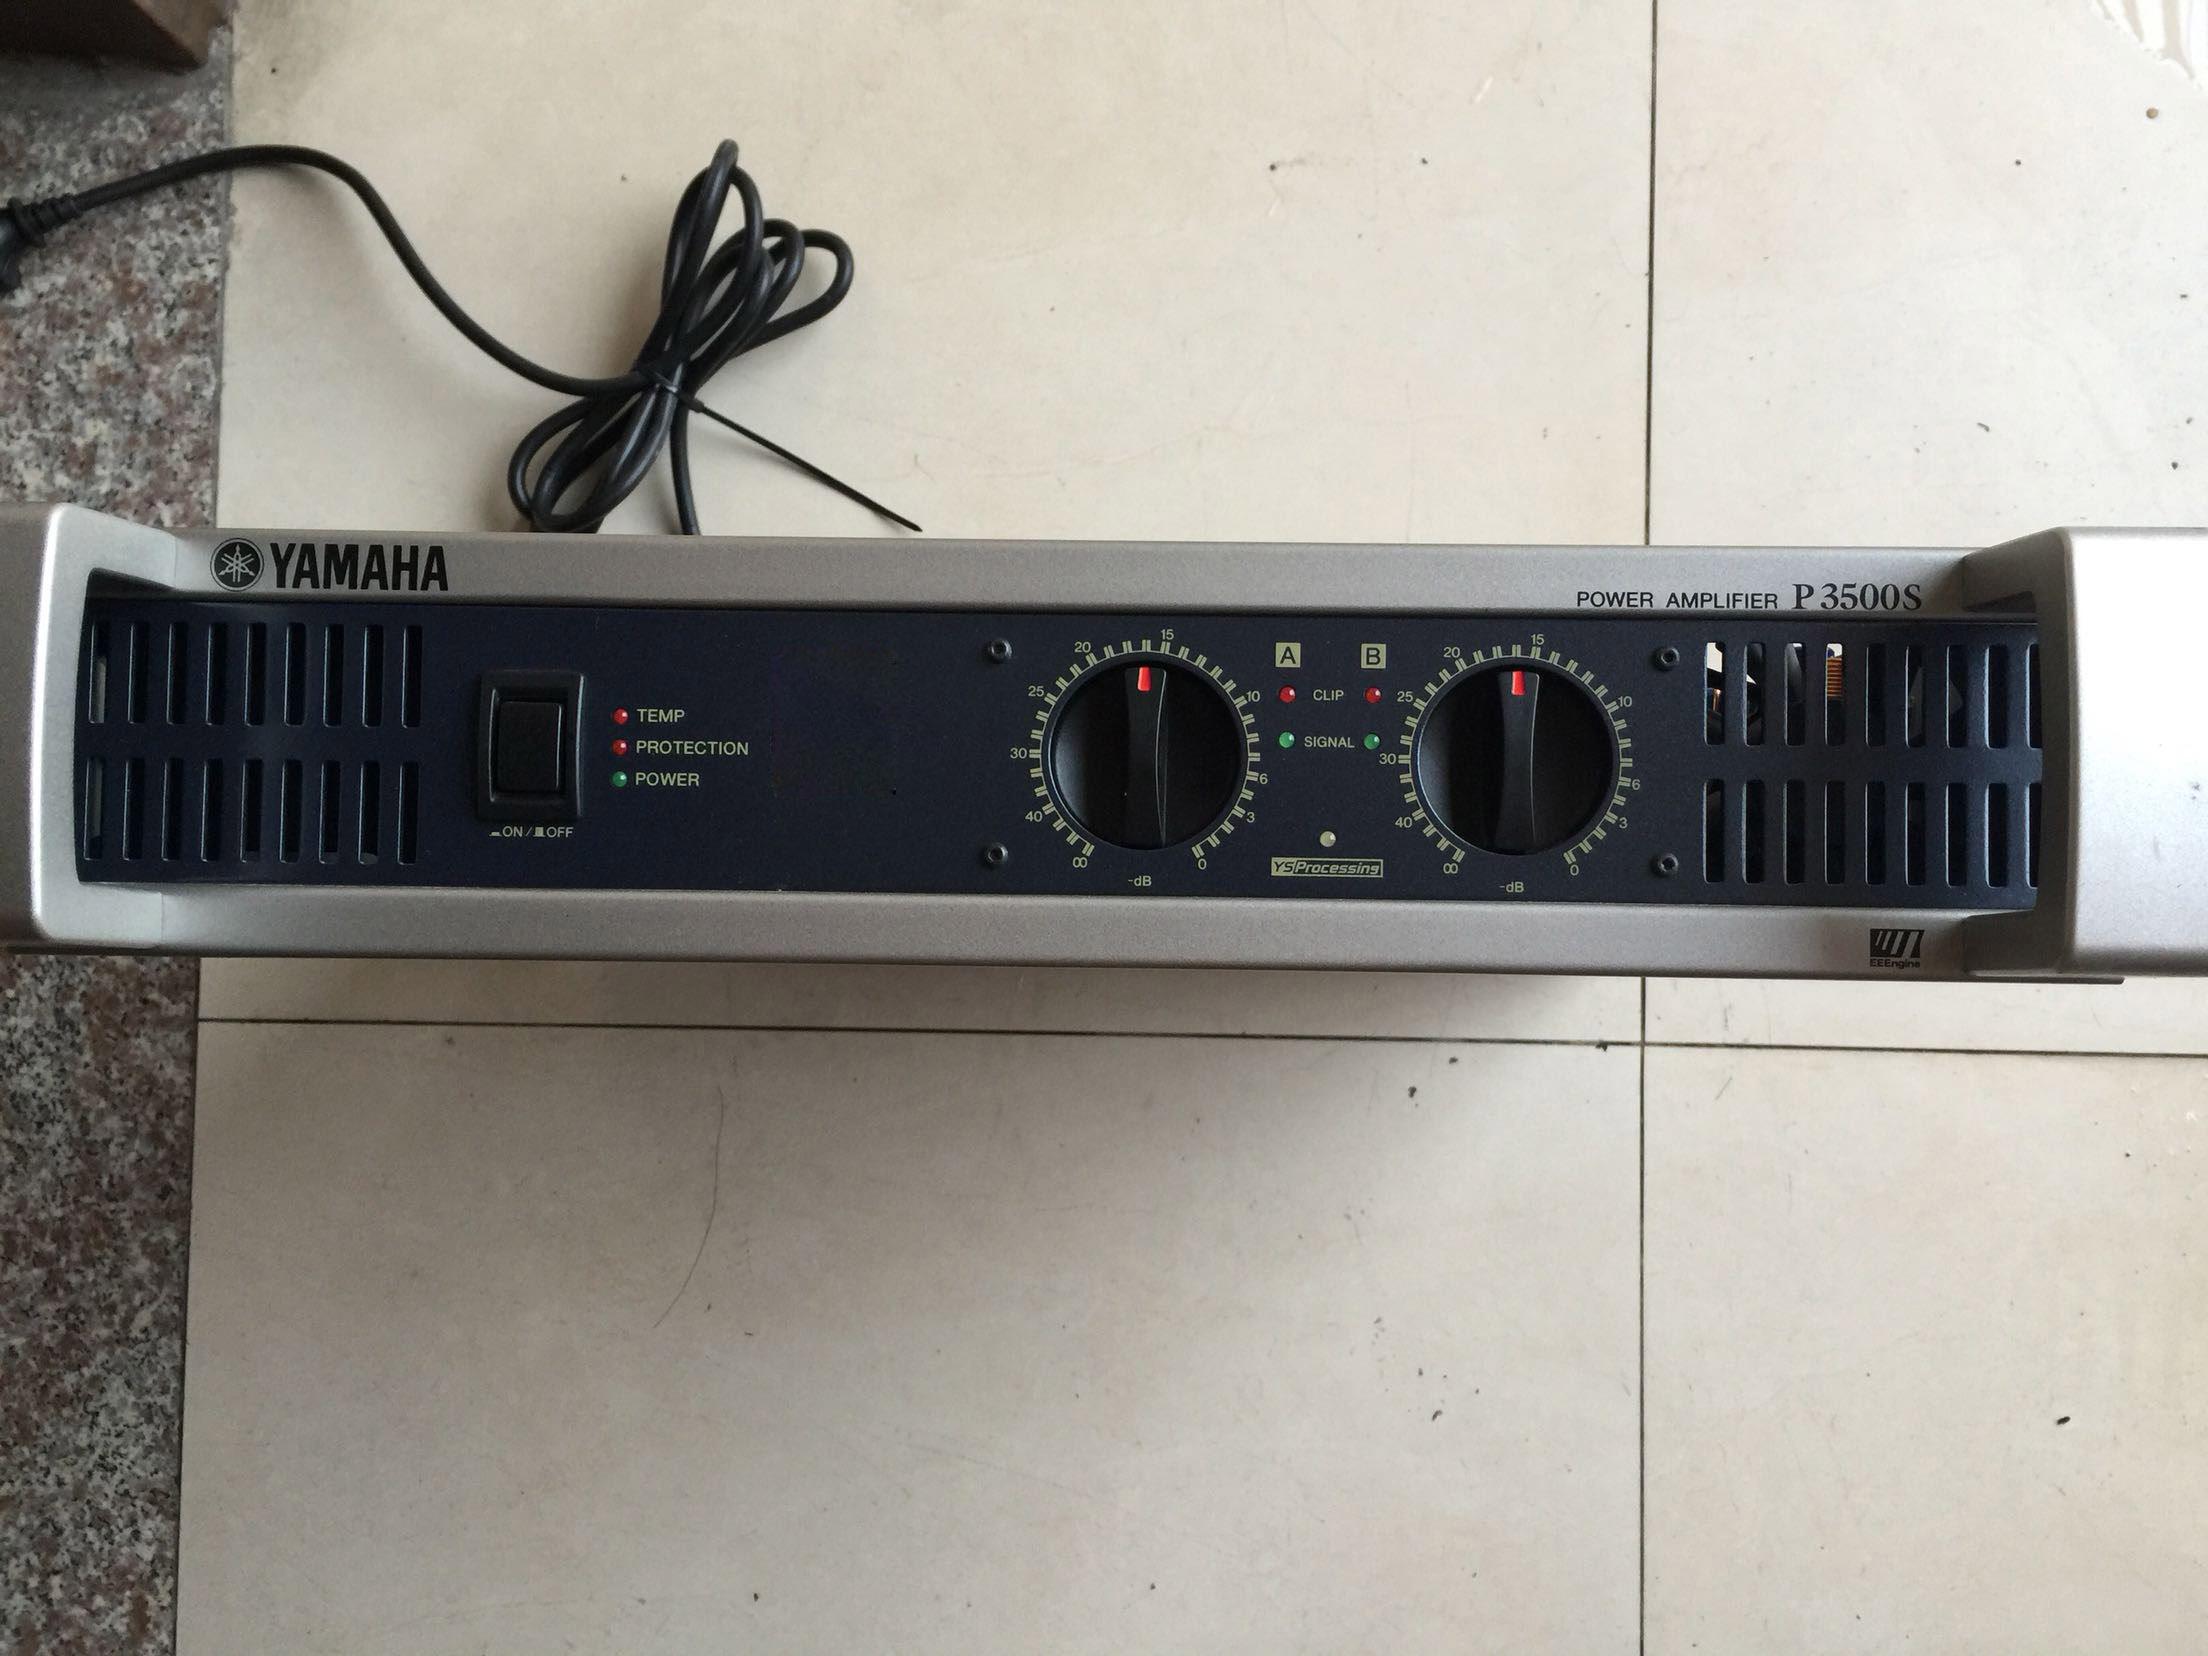 二手YAMAHA雅马哈专业功放P3500SP2500SP9500S舞台演出工程纯后级二手音响二手功放调音台